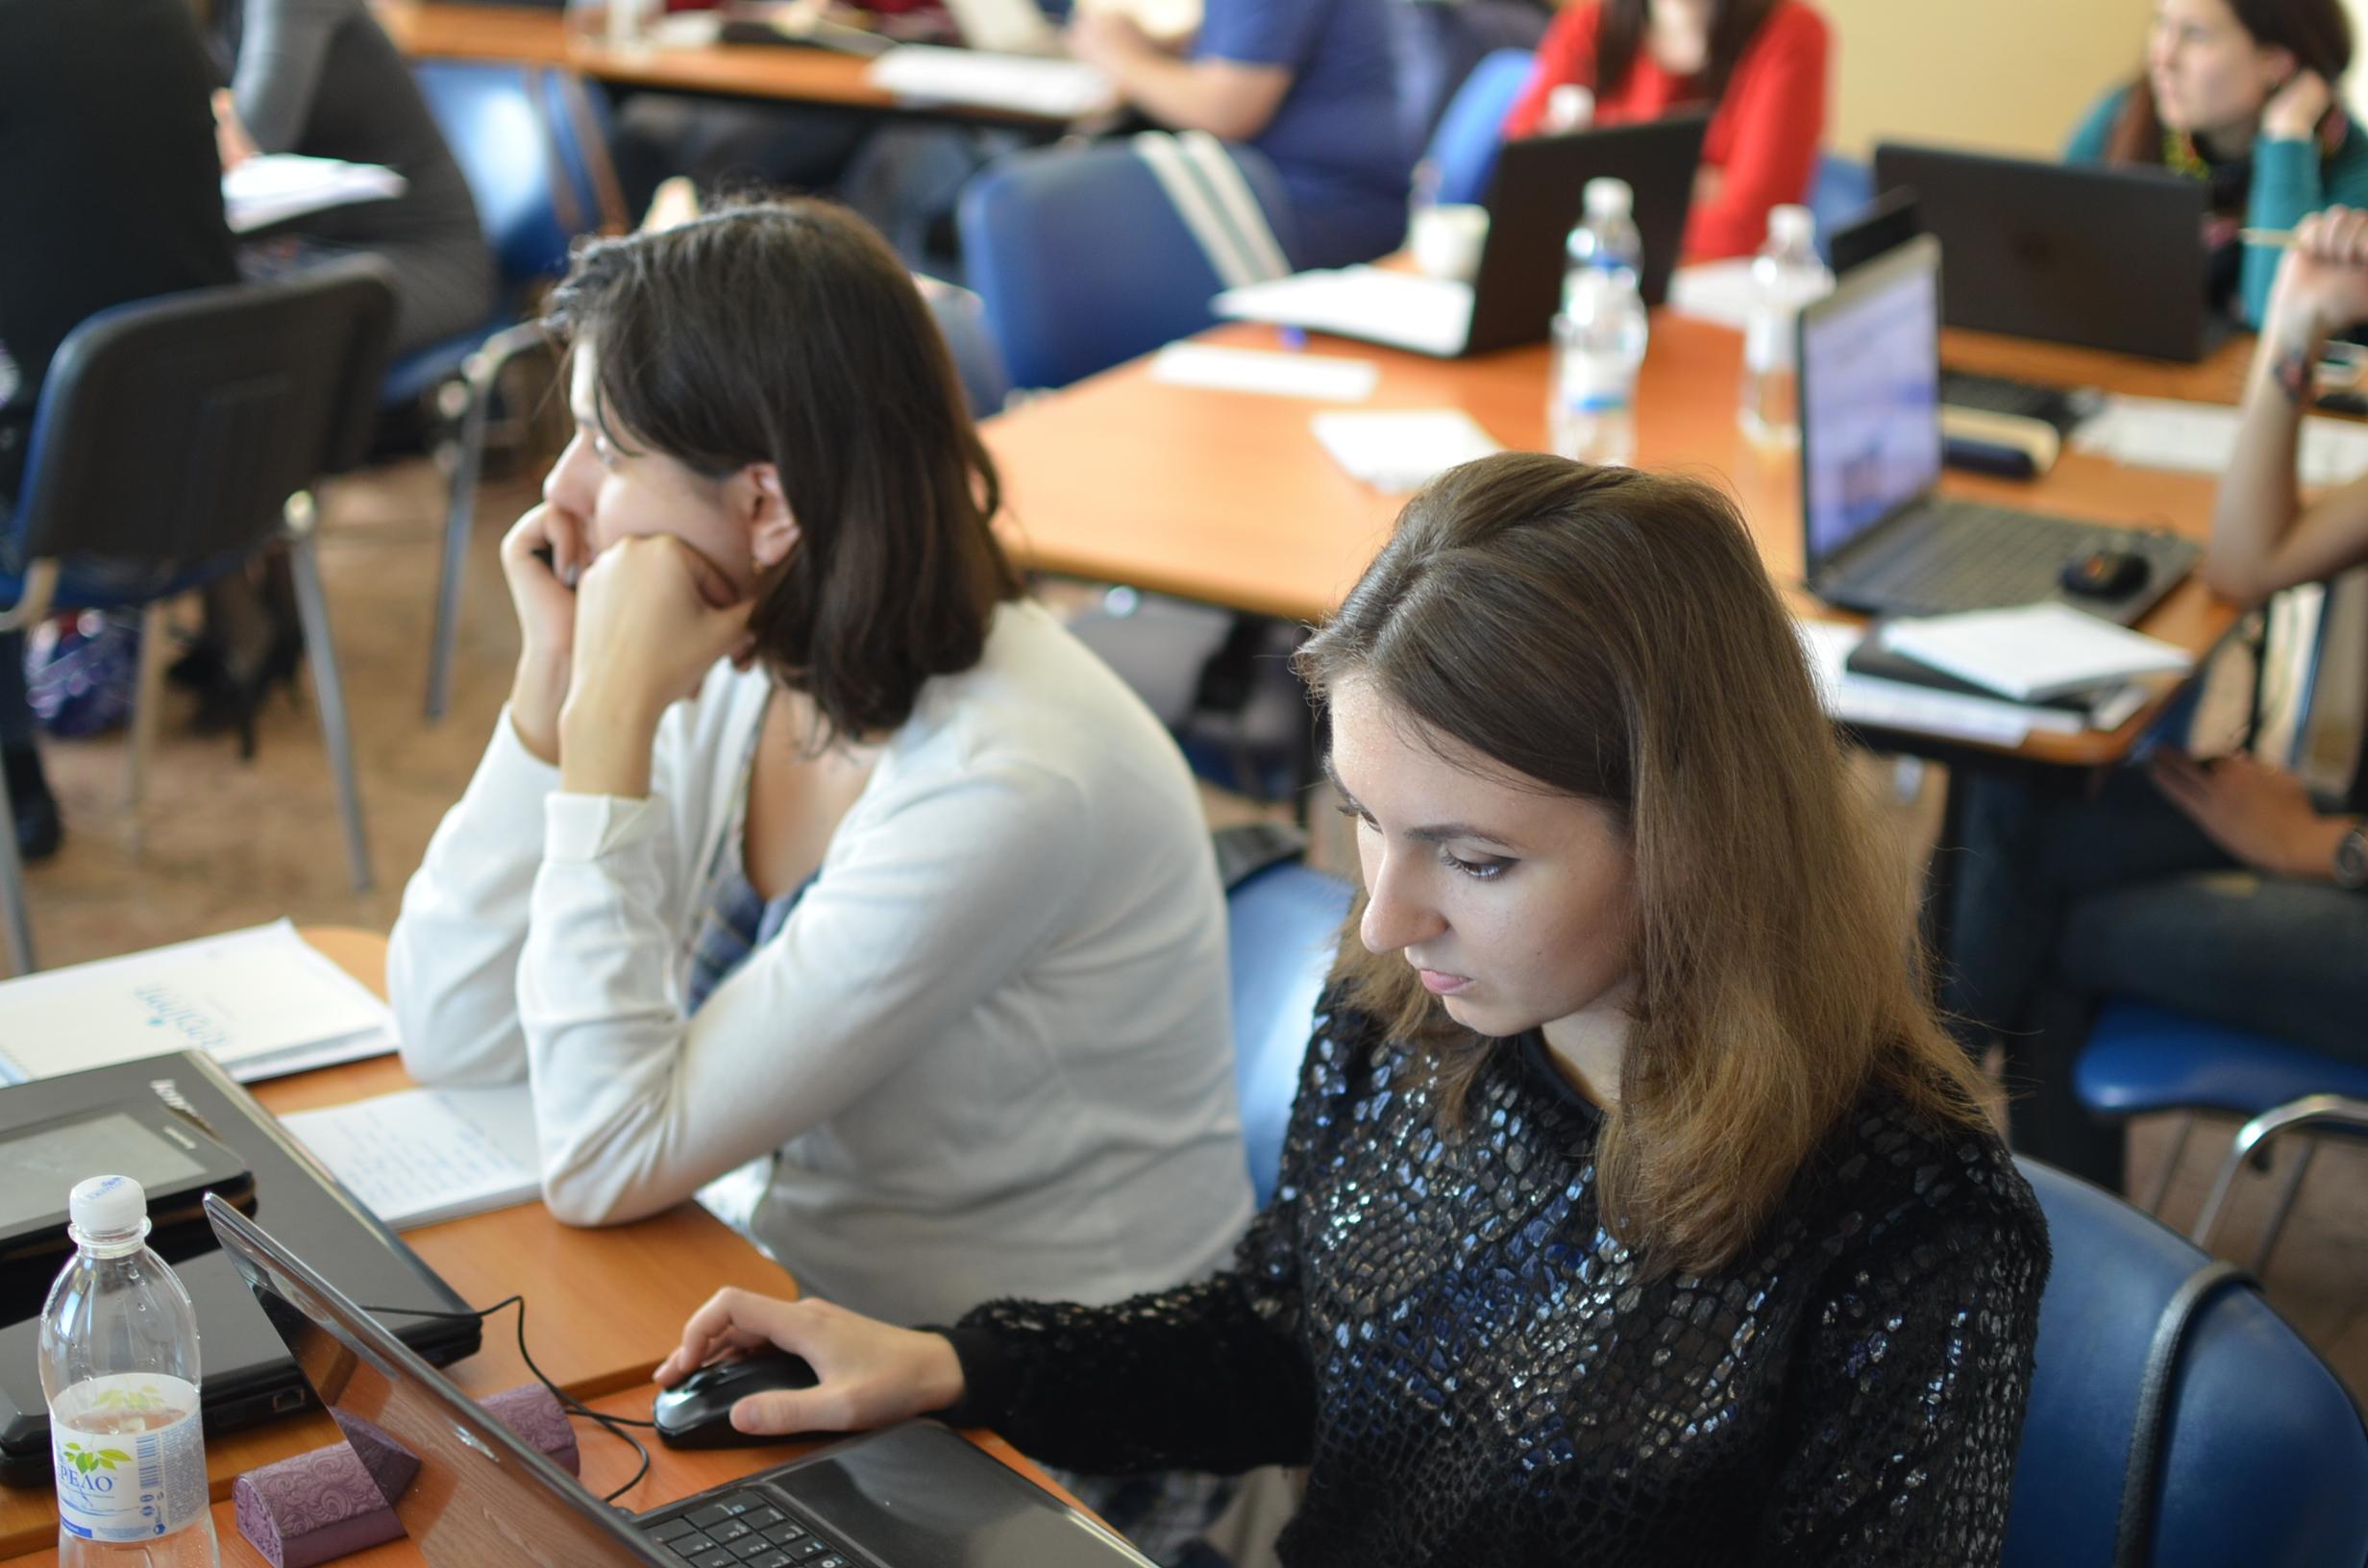 «Українські регіональні журналісти – разом для якості»: міжнародна медіаосвіта для регіональних журналістів